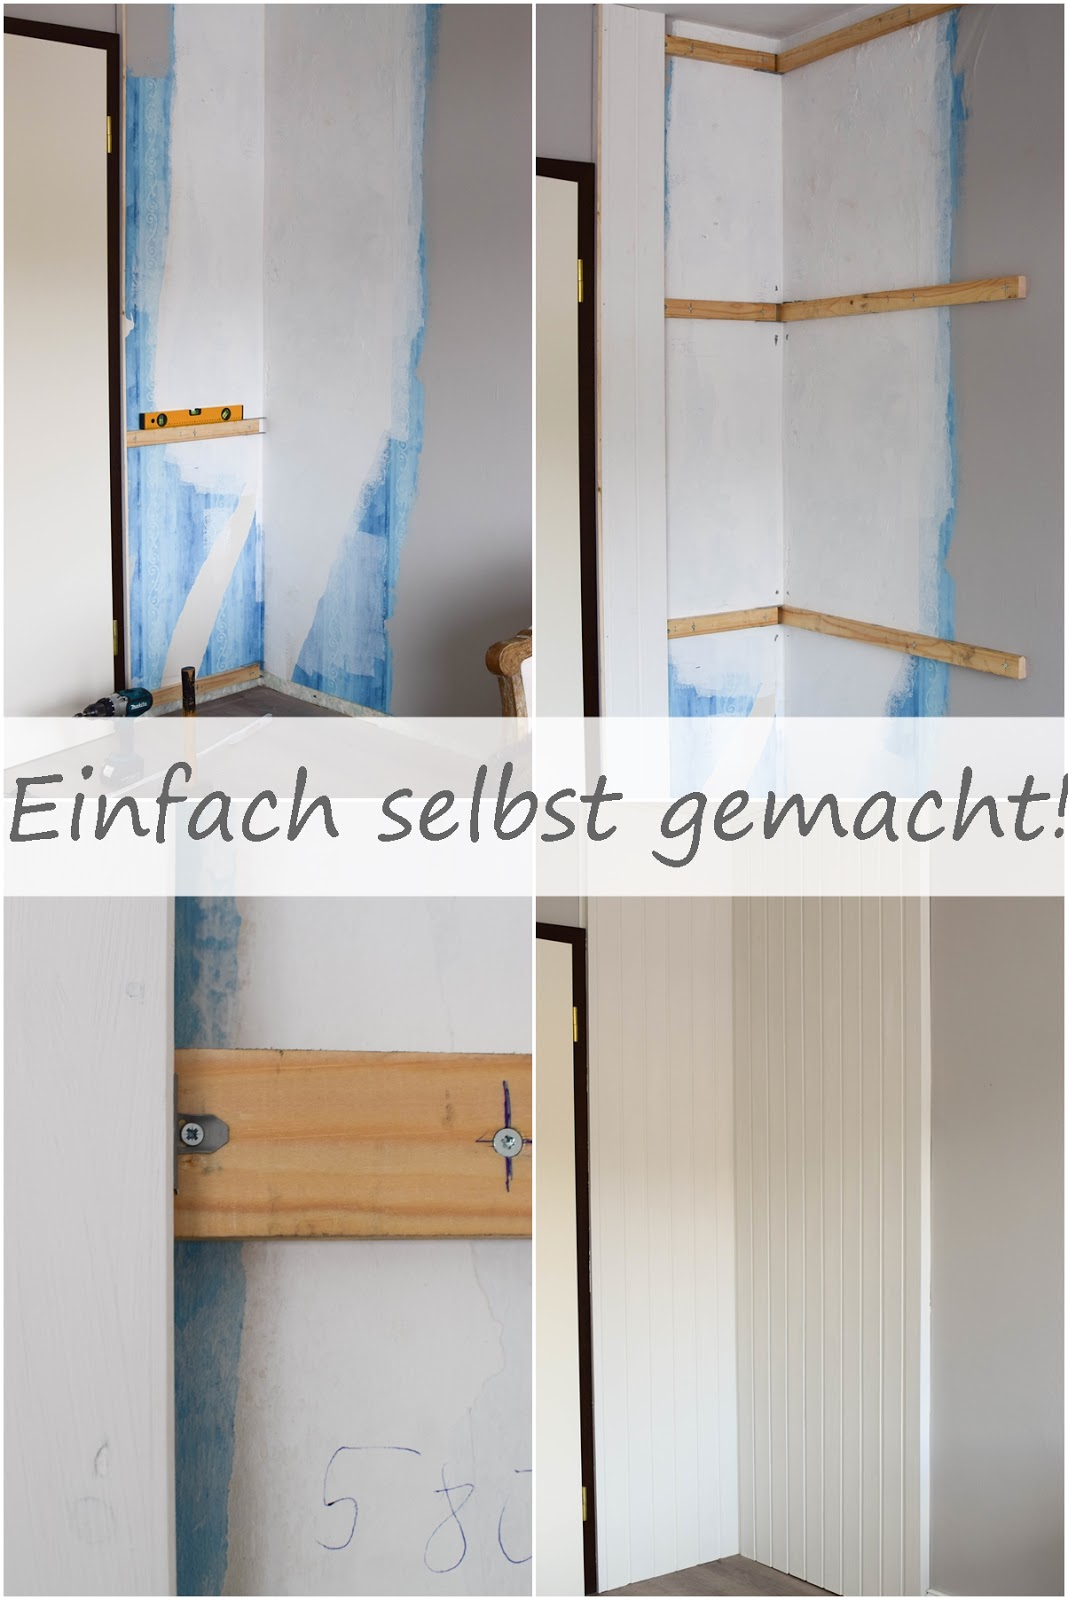 Wandverkleidung DIY Aus Holz Mit Nut Und Federbretter Kreidefarbe Von  Painting The Past Renovierung Vertaefelung Beadboard